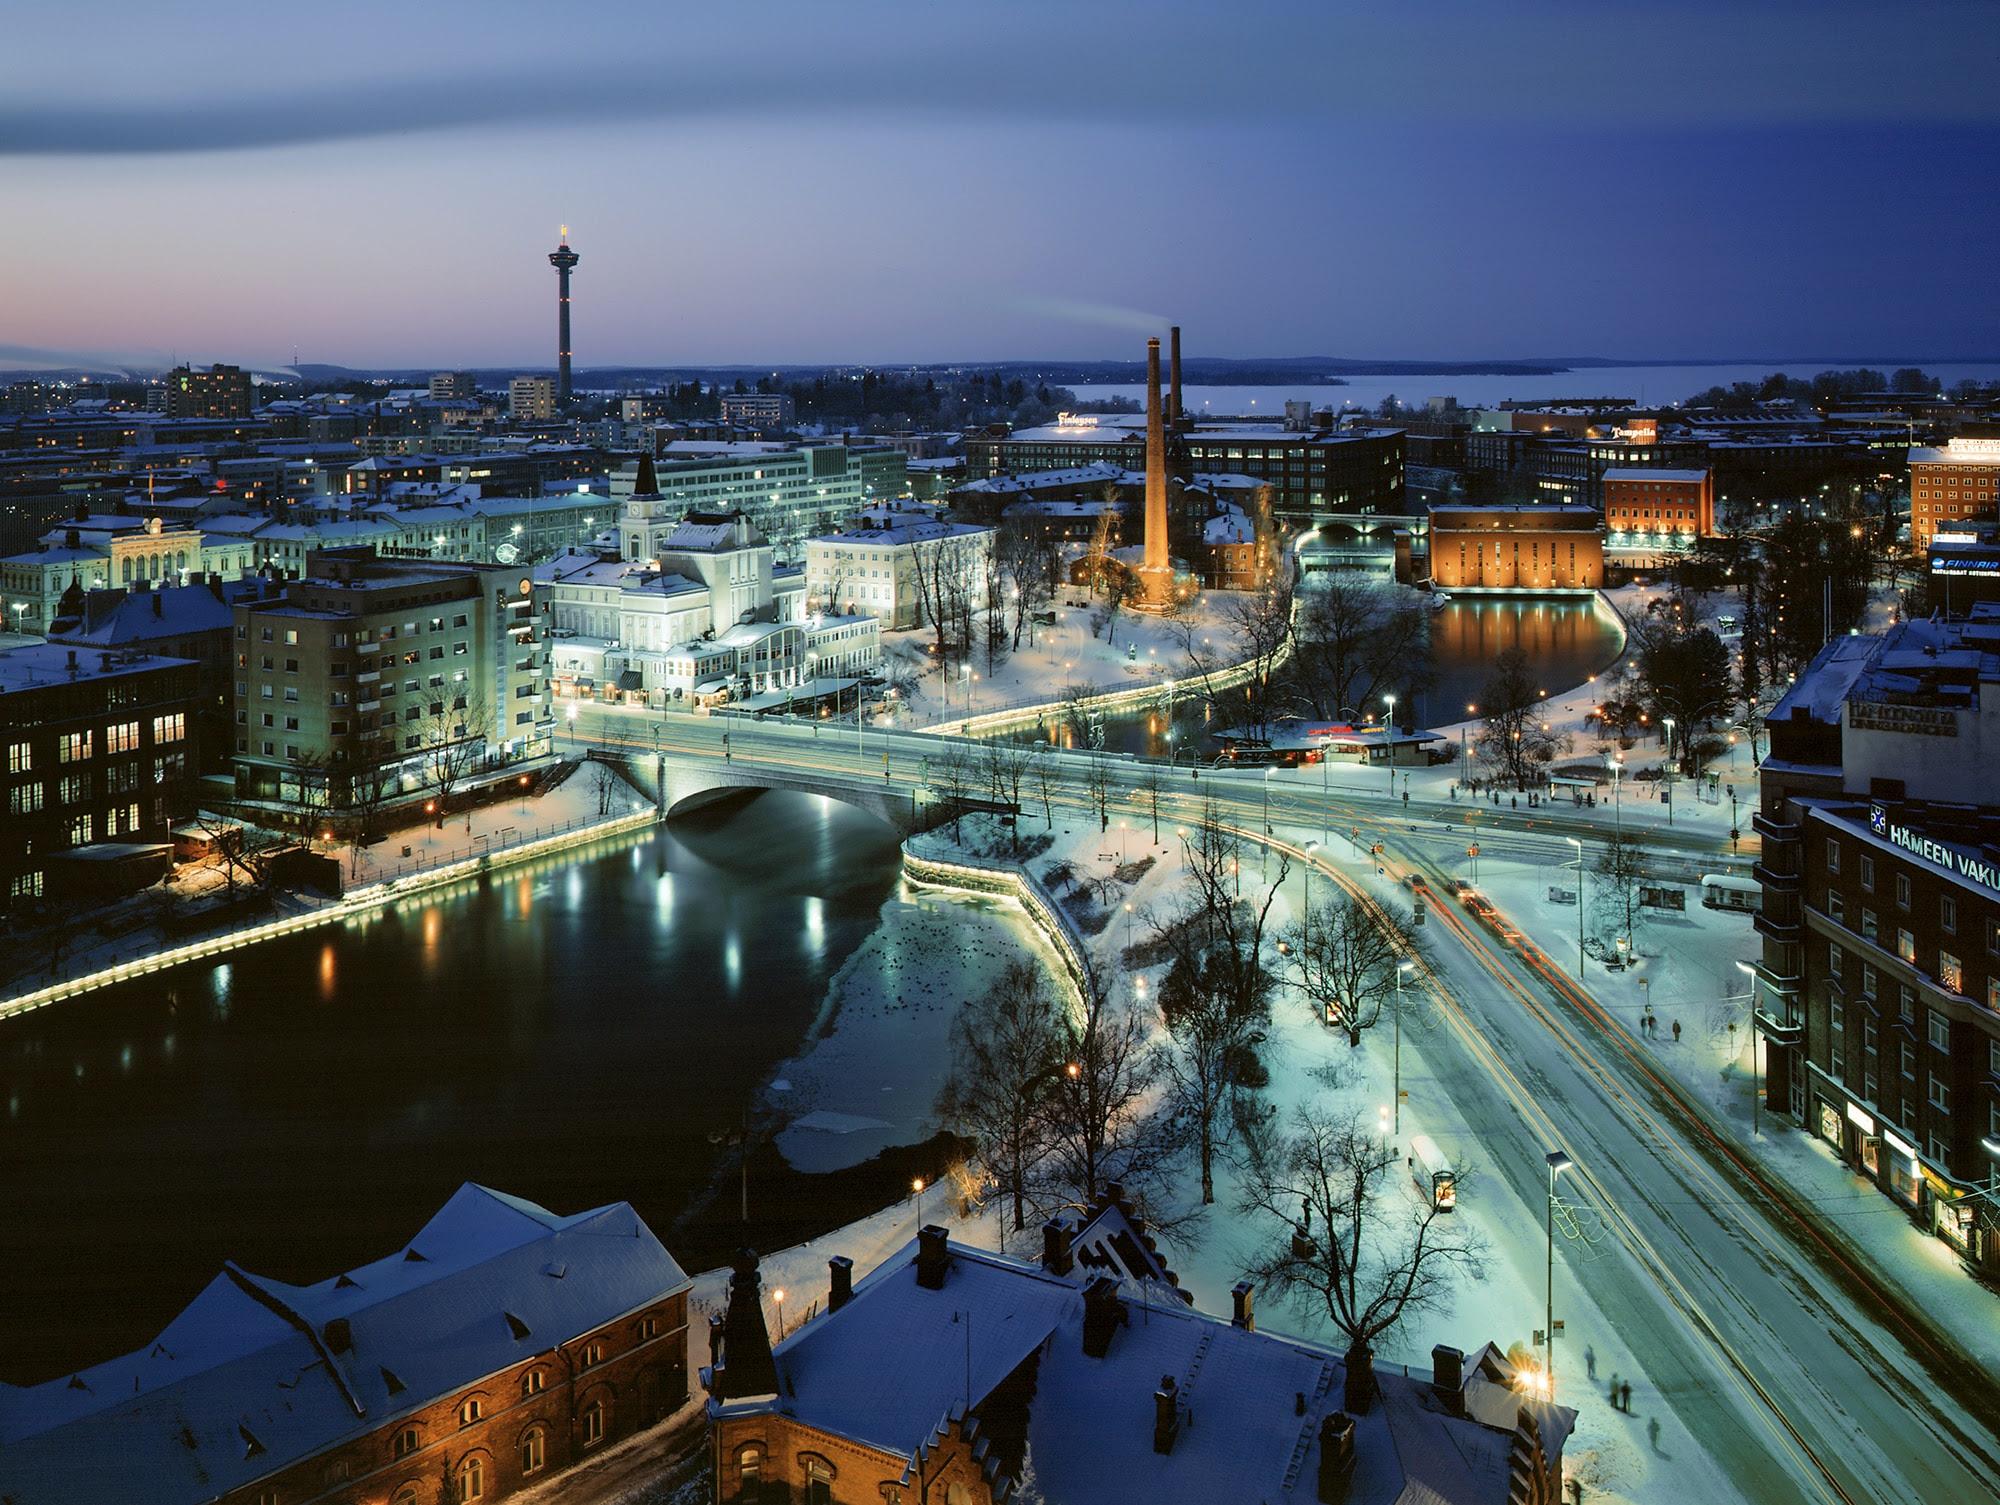 http://blog.public.gr/wp-content/uploads/2014/12/Tampere-2.jpg